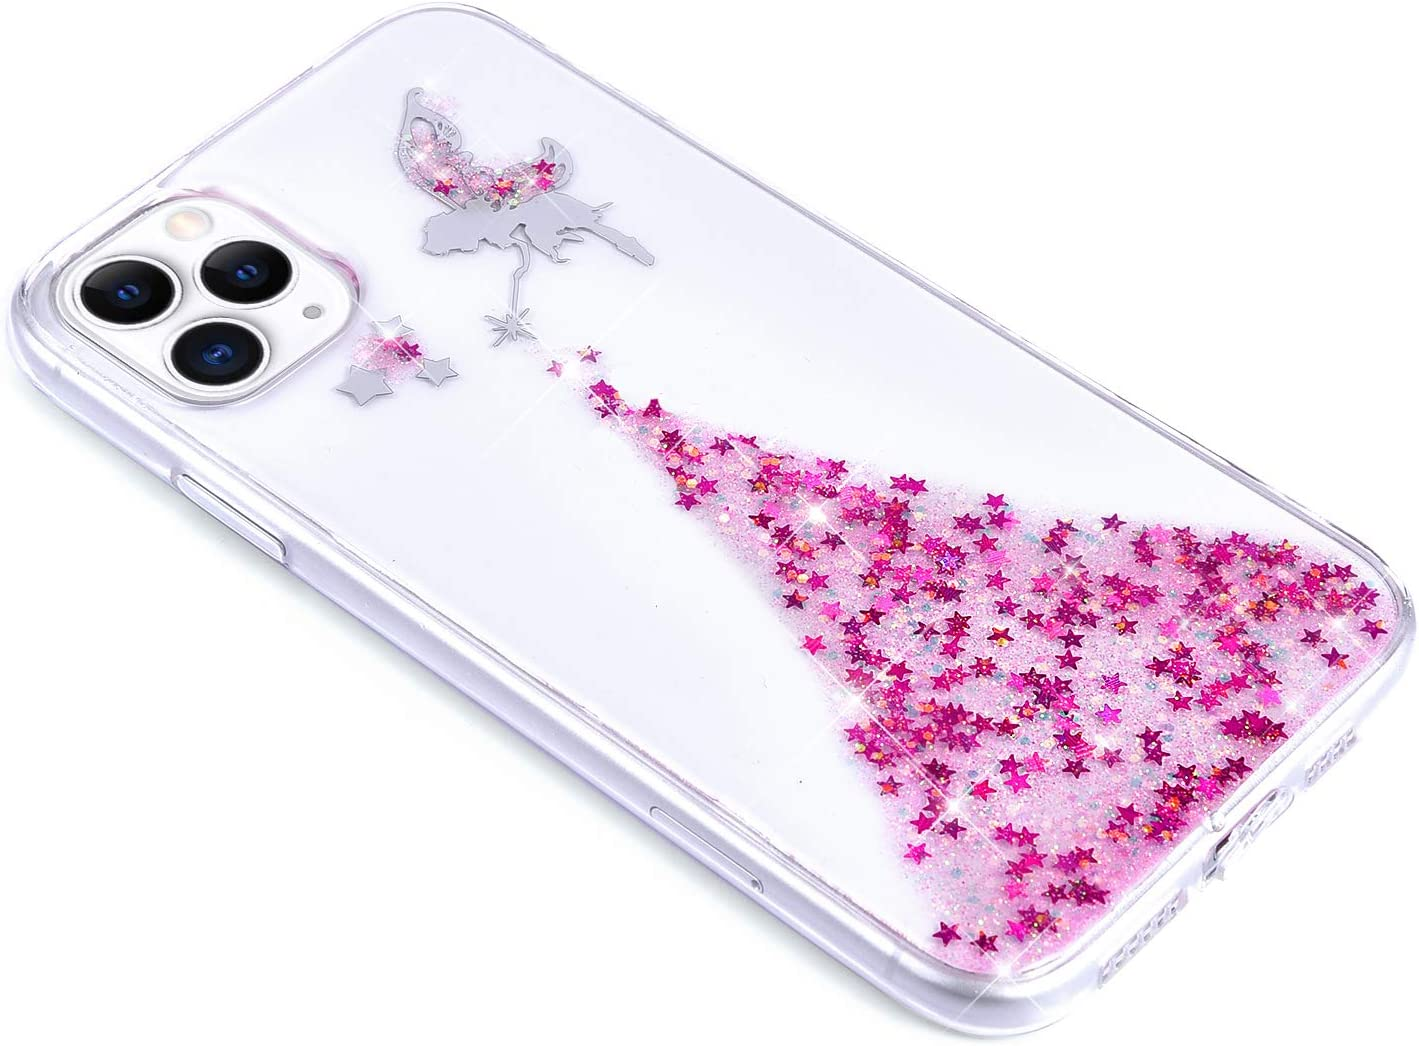 Saceebe Compatible avec iPhone 11 Pro Max Coque Silicone Strass Brillante Bling Glitter Paillette /Étui Ange Papillon Motif Transparente Gel Souple Ultra Fine Ultra L/éger Housse,Argent